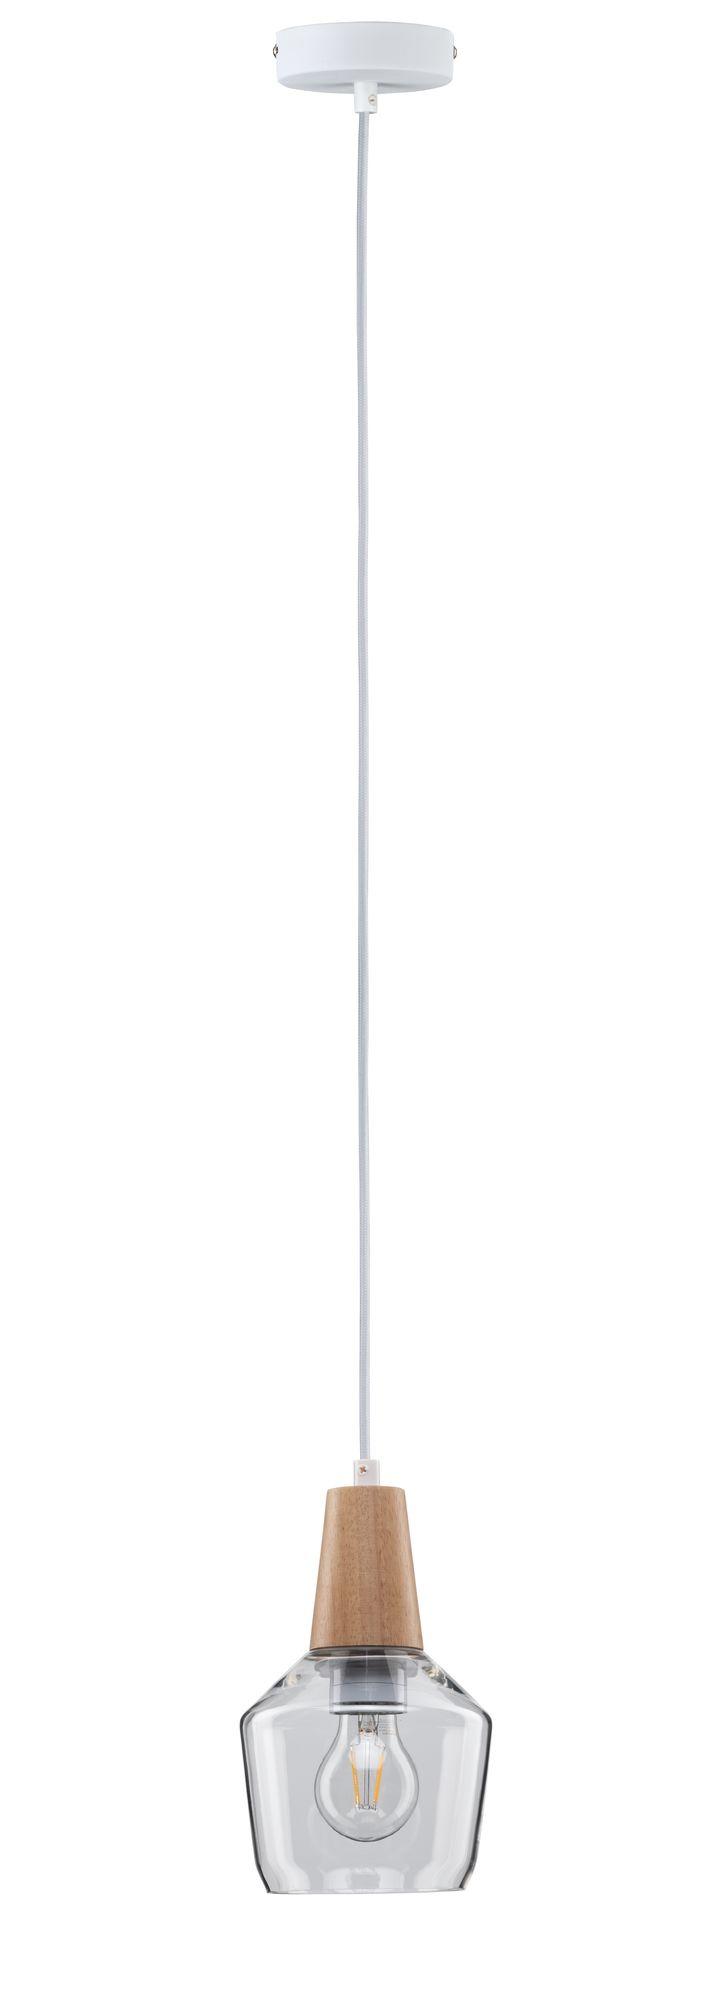 Подвесной светильник Paulmann Ylvie, E27